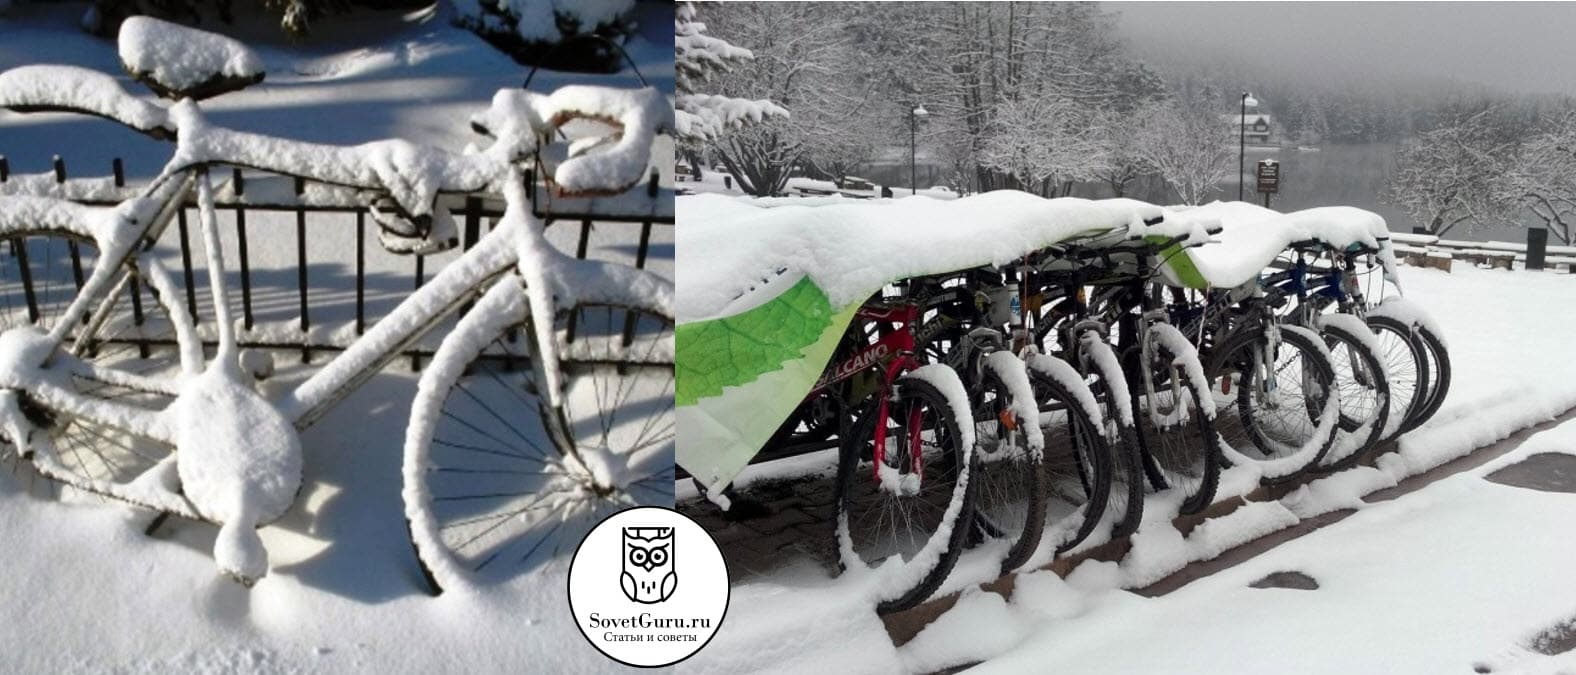 Можно ли хранить велосипед зимой на улице | Как хранить велосипед зимой: на балконе, в гараже, в квартире